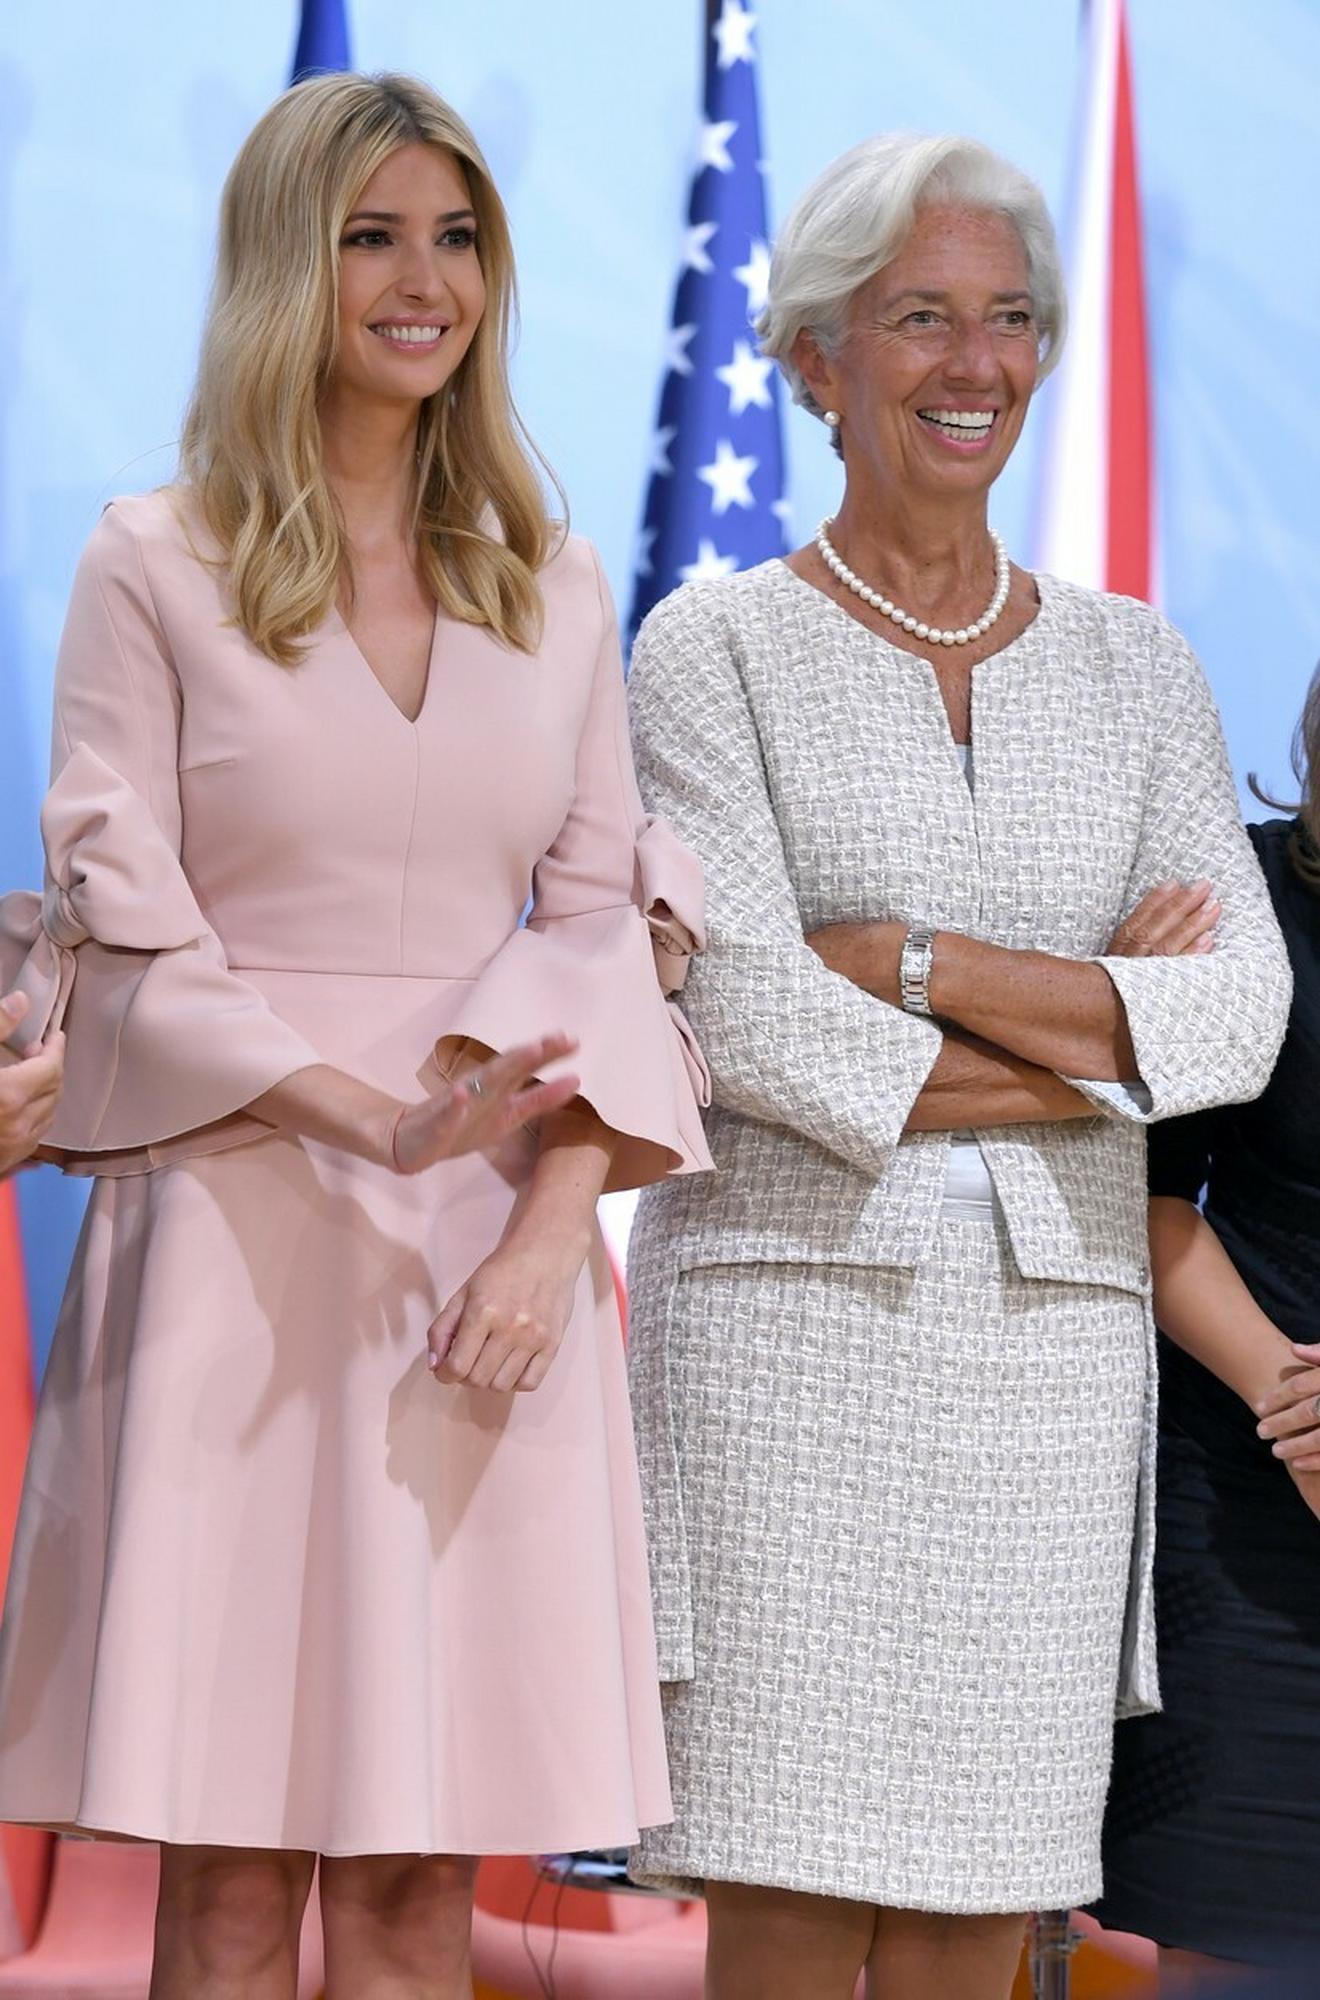 Kristina Lagard i Ivanka Tramp nedavno na Samitu G20 u Hamburgu